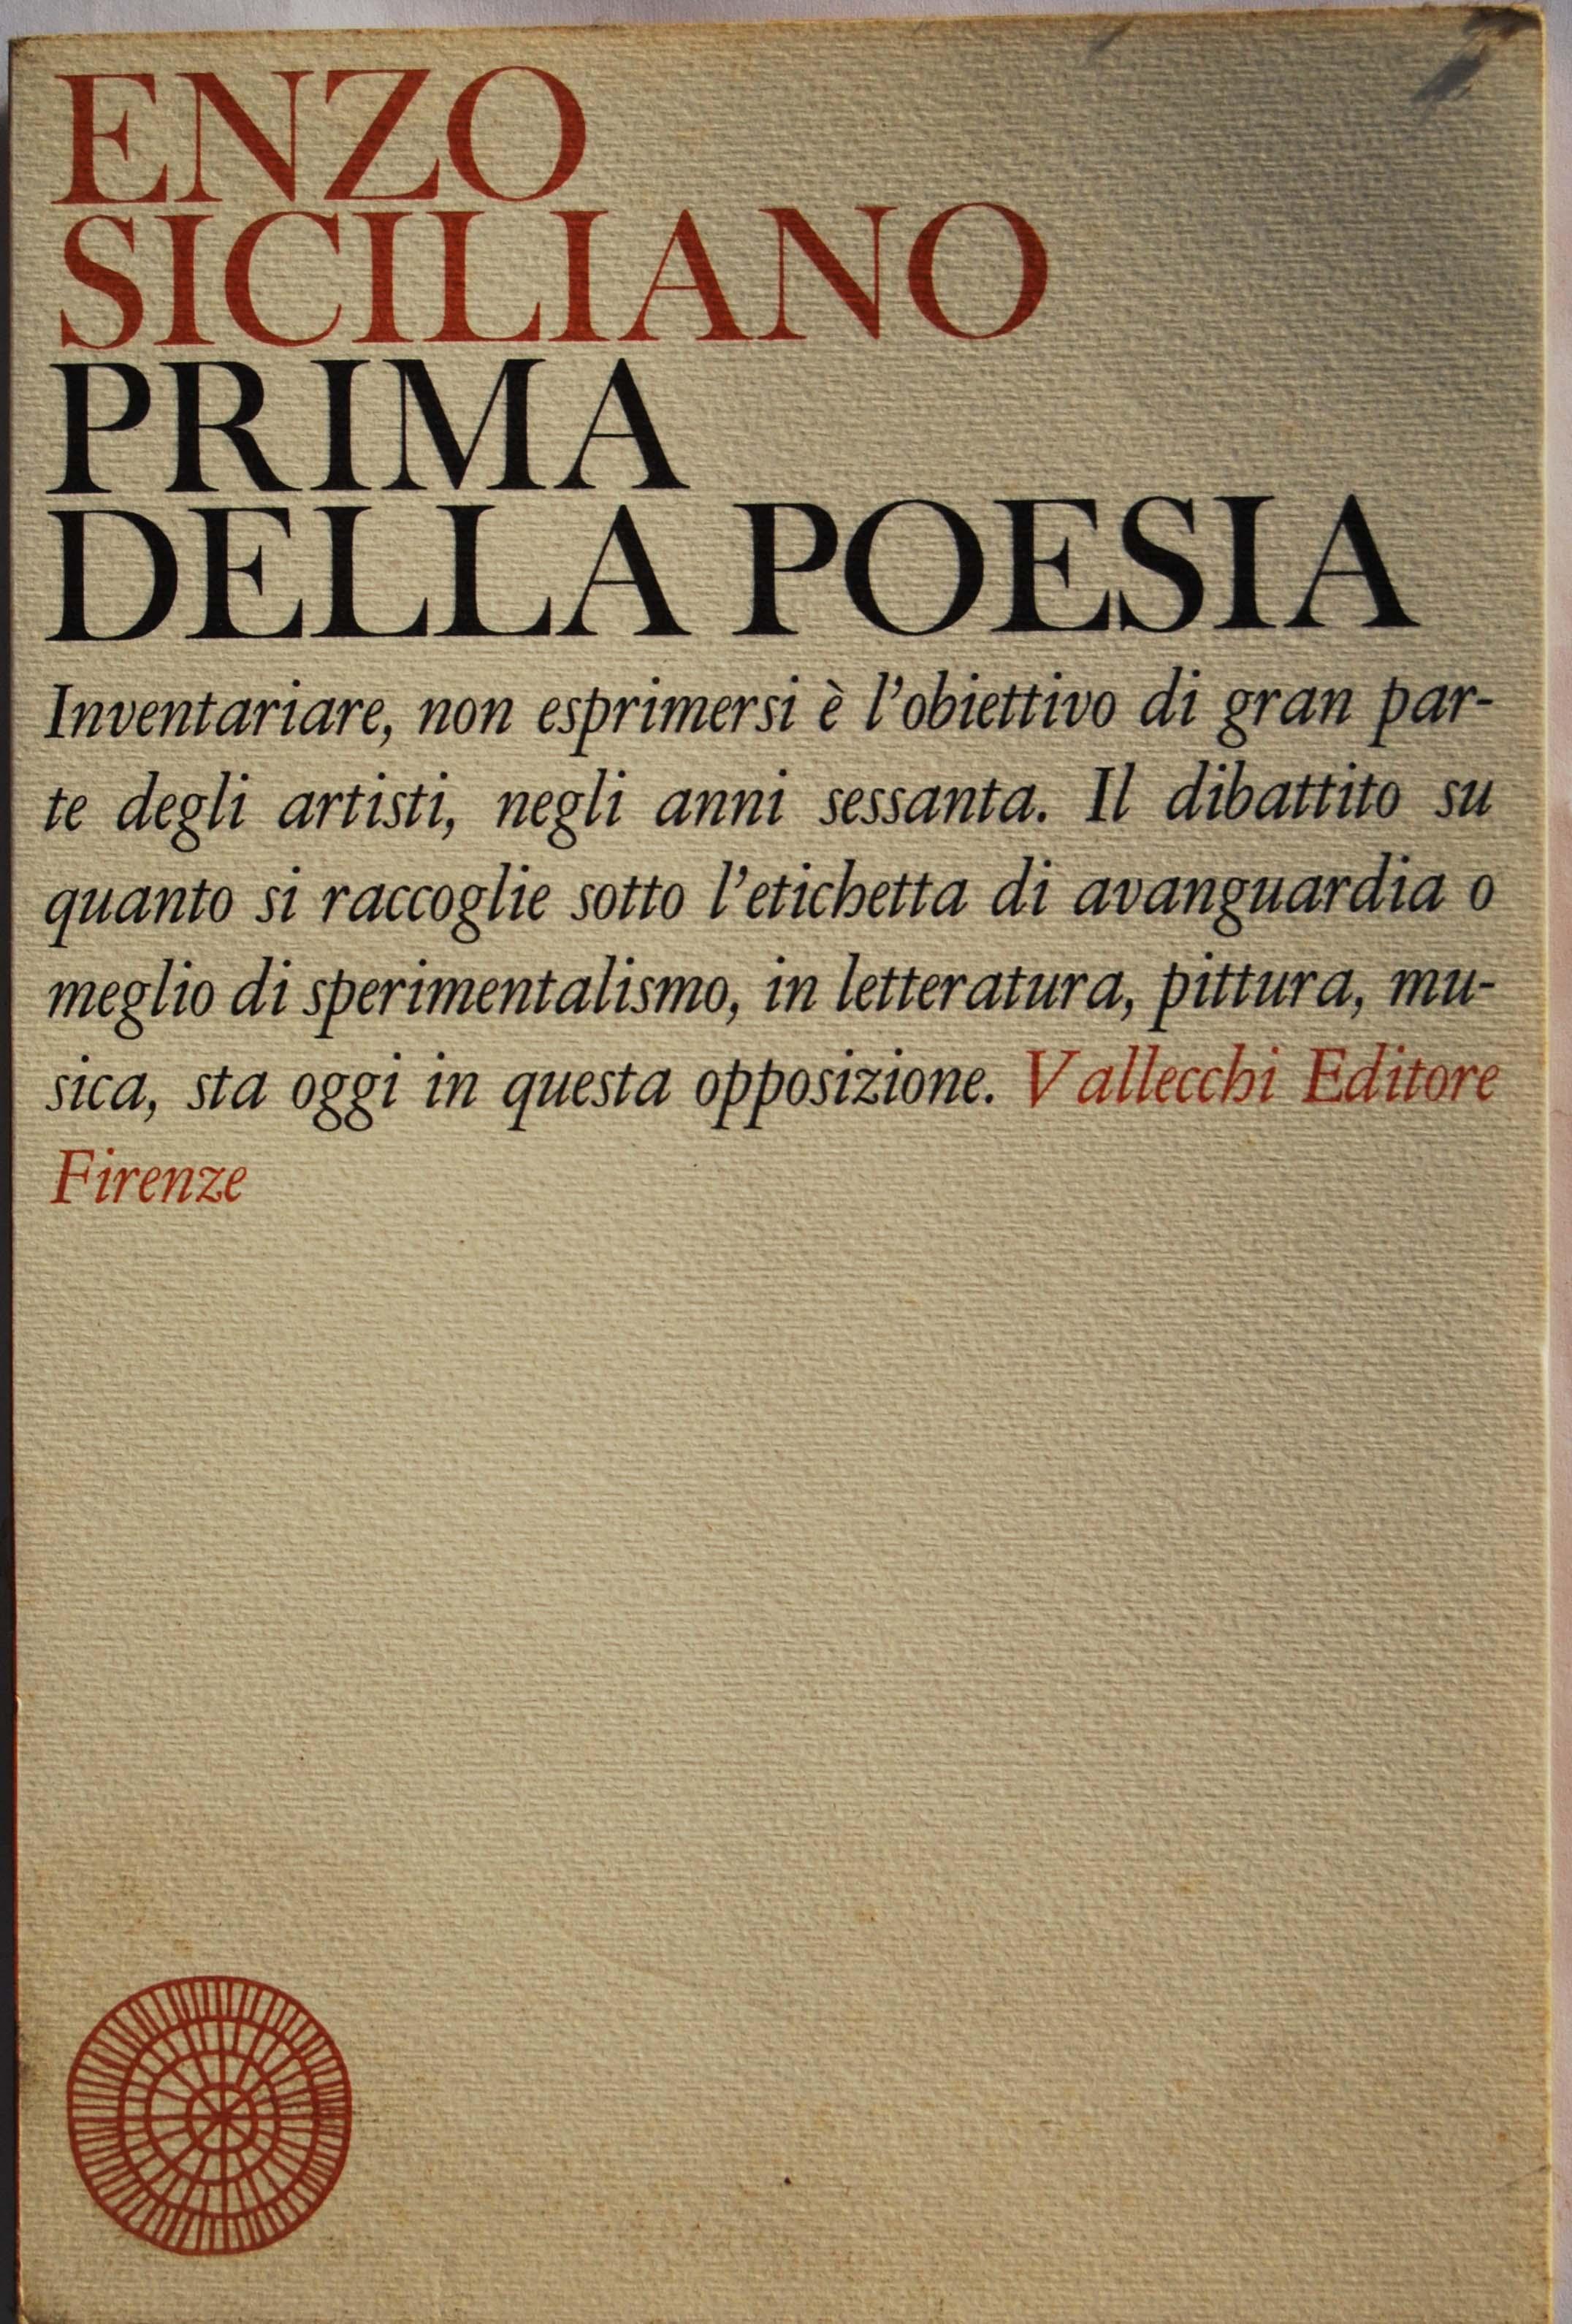 Prima della poesia